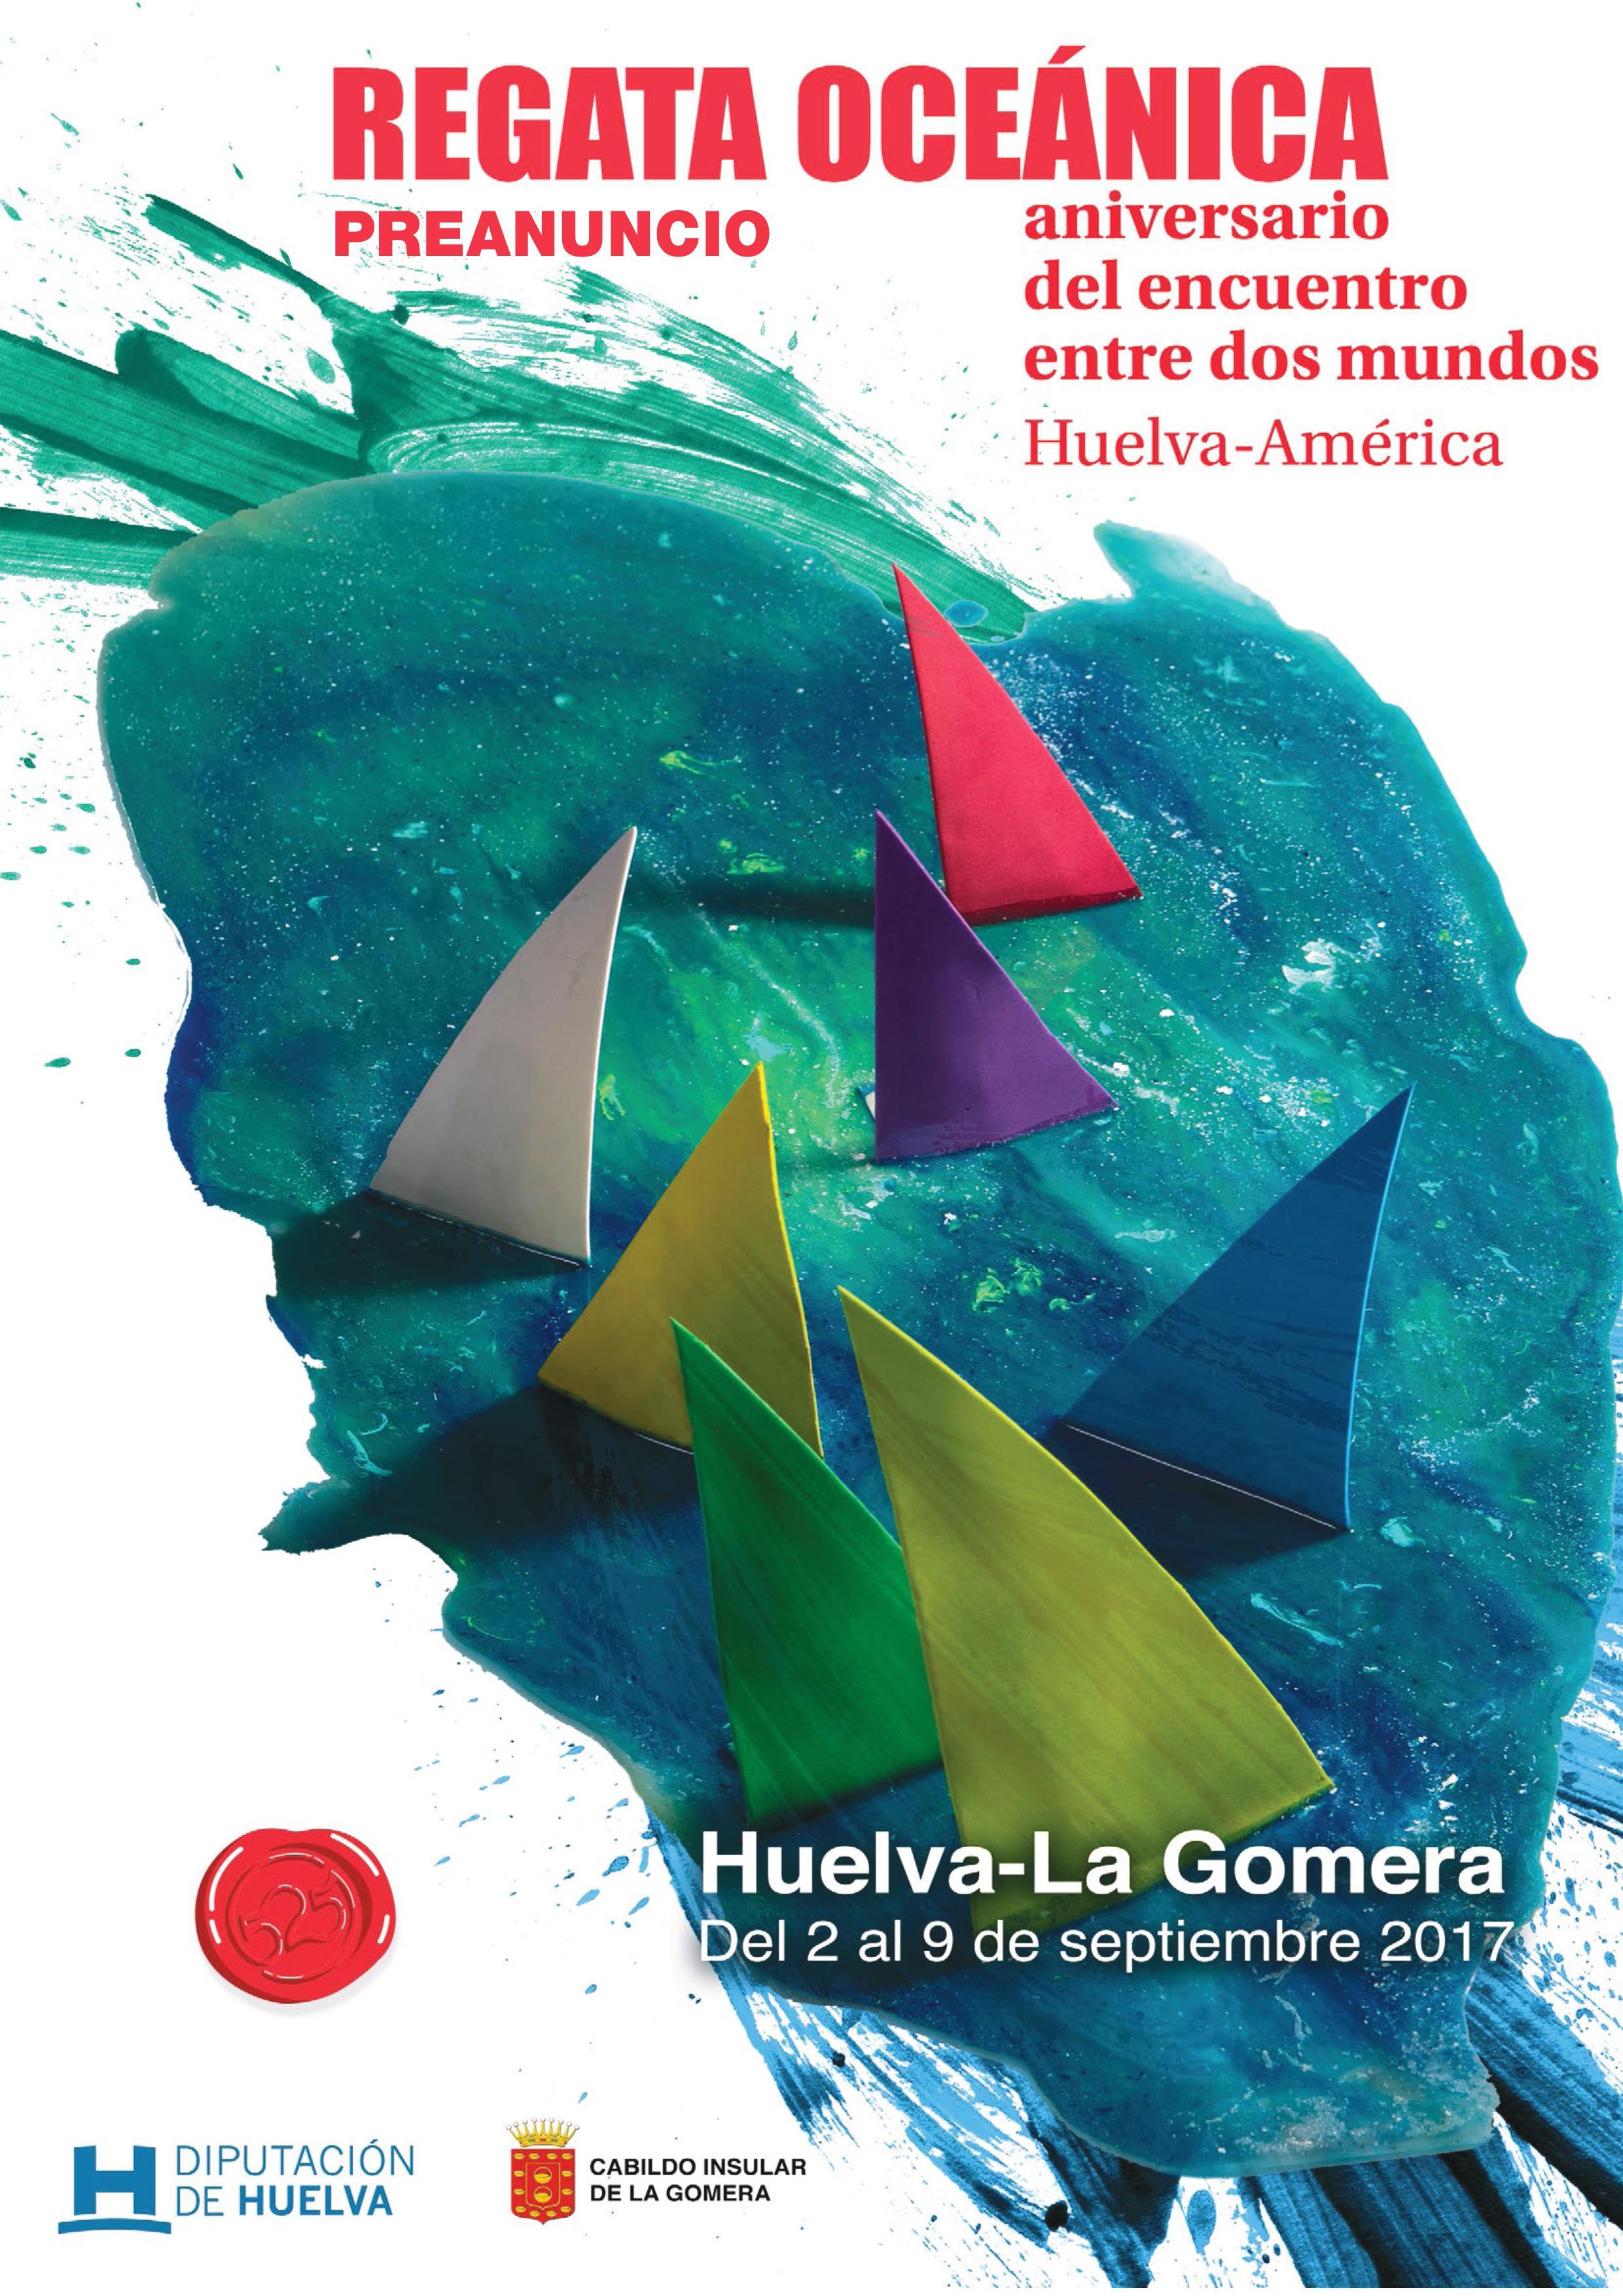 La Diputación de Huelva y el Cabildo Insular de la Gomera son los promotores de la regata